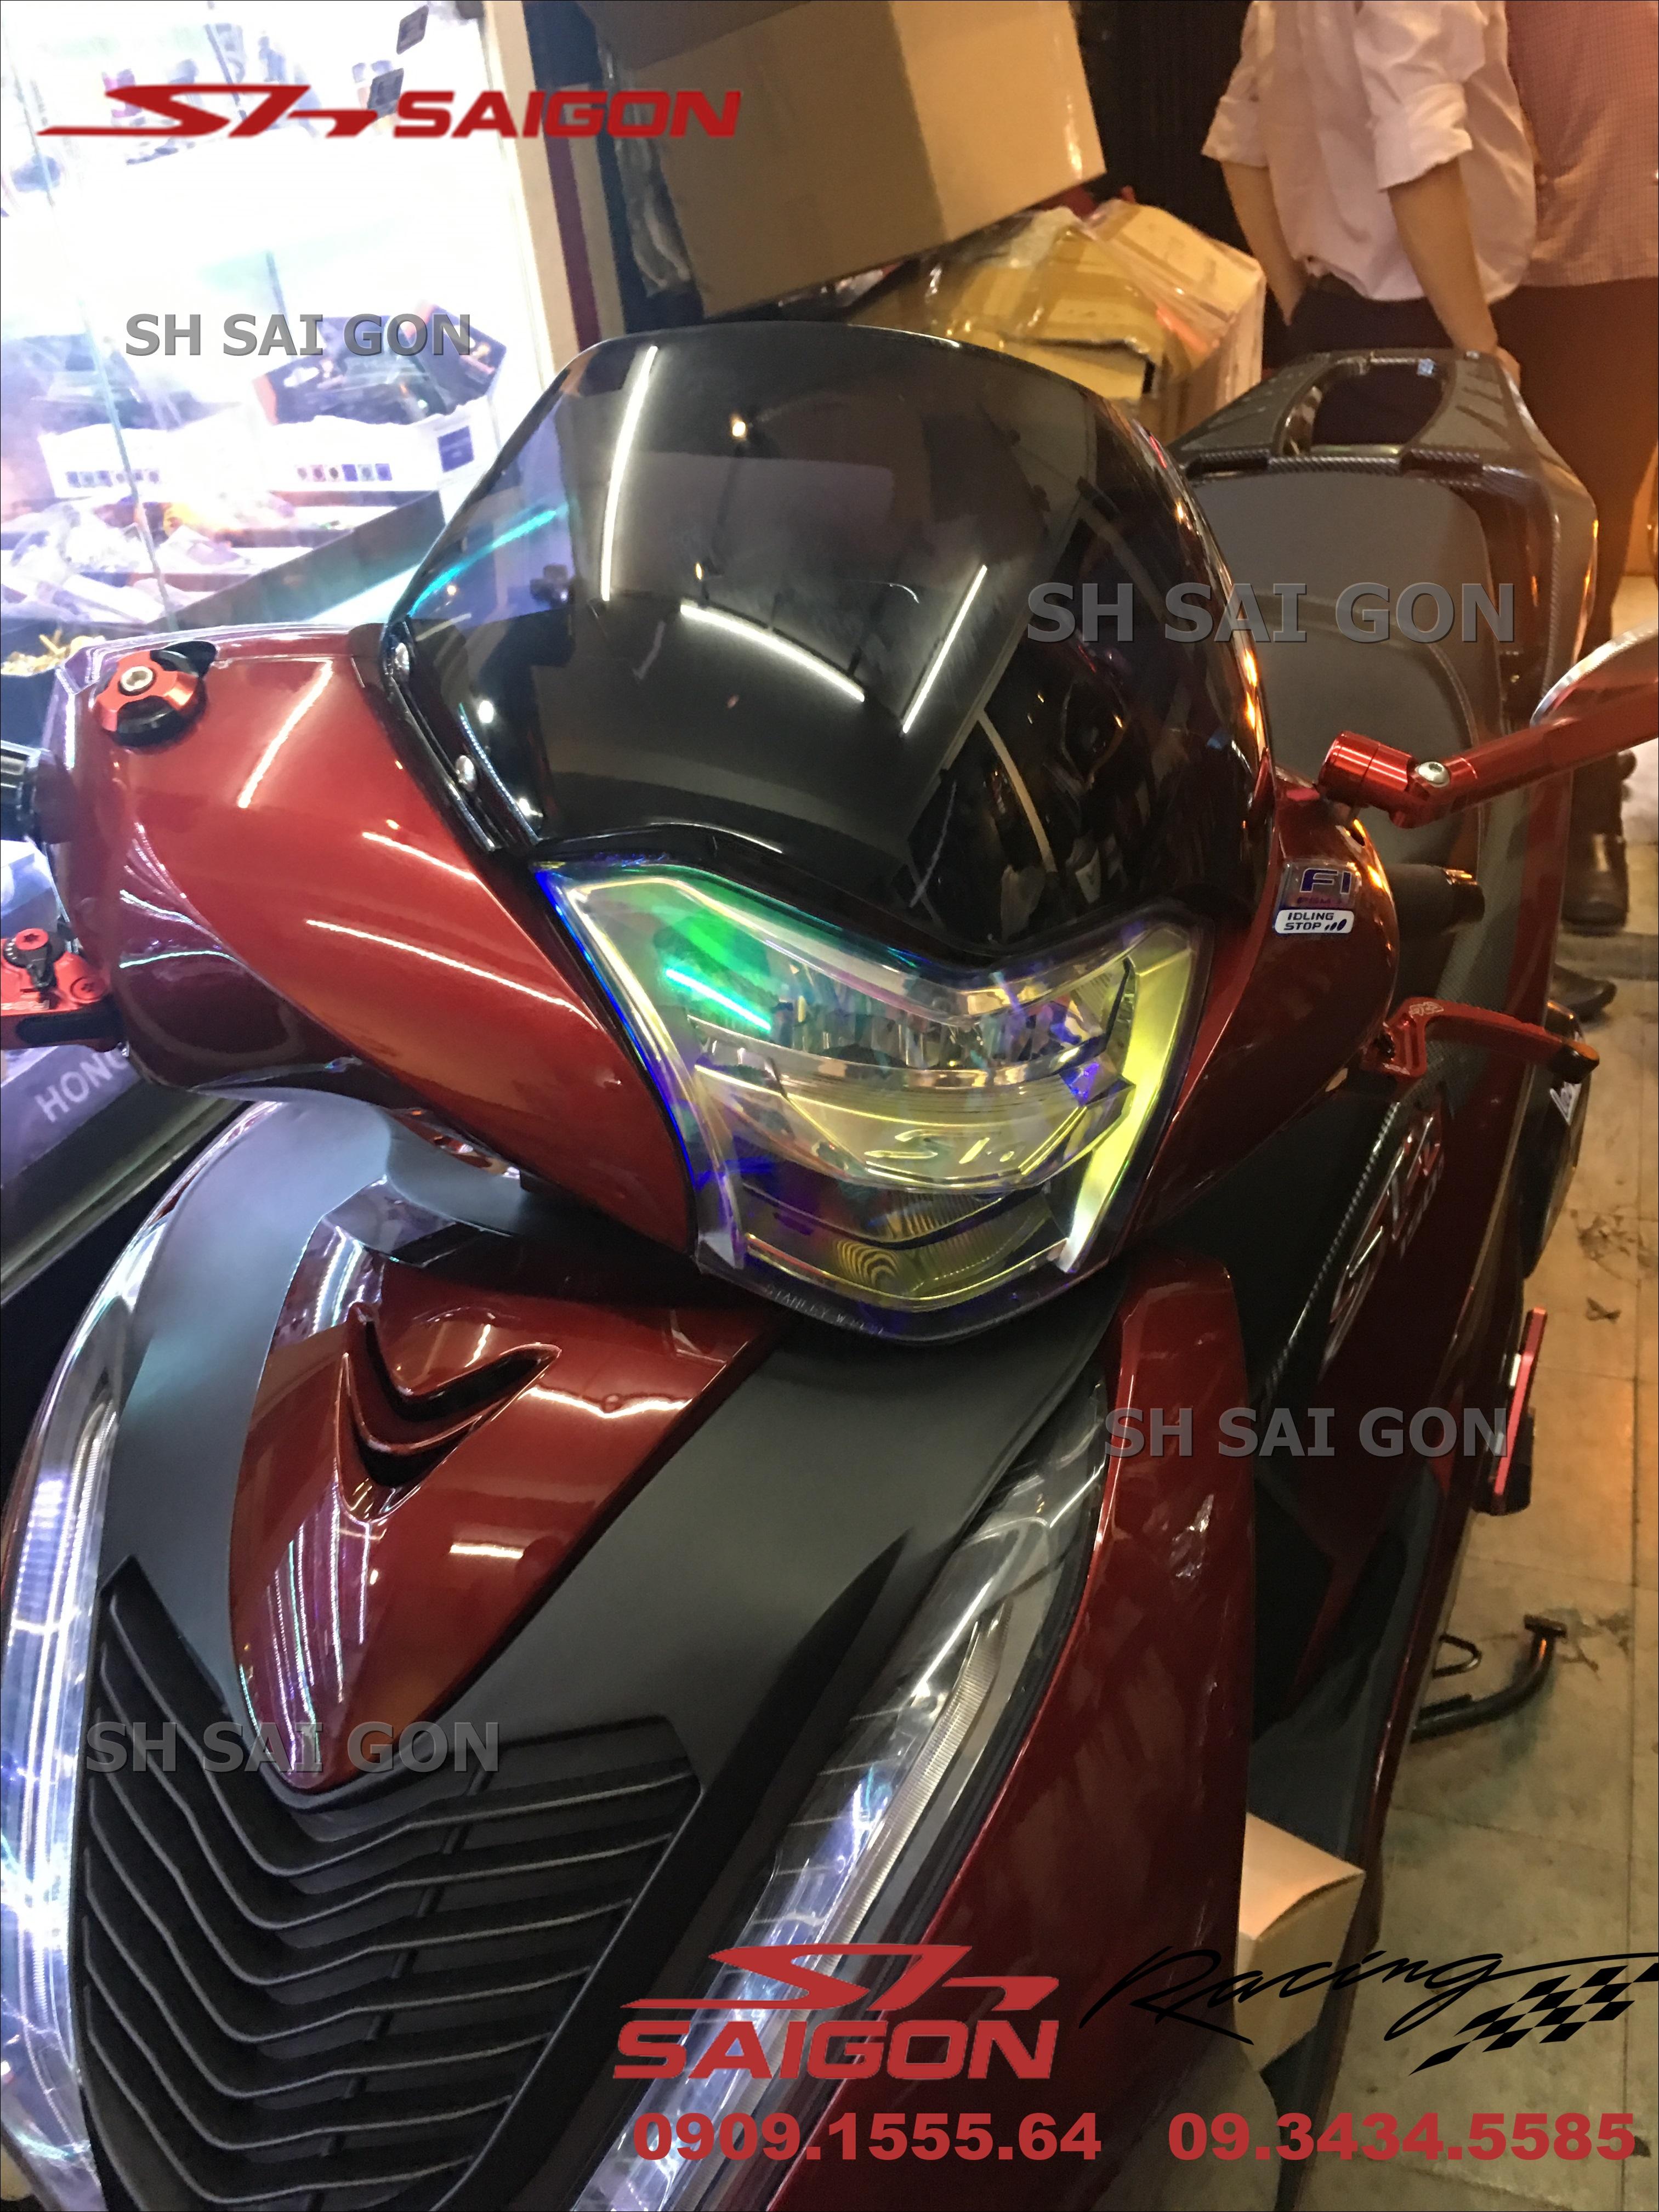 Photo xe SH VN 2017 2018 2019 gắn kính chắn gió uy tín giá tốt tại Sài Gòn